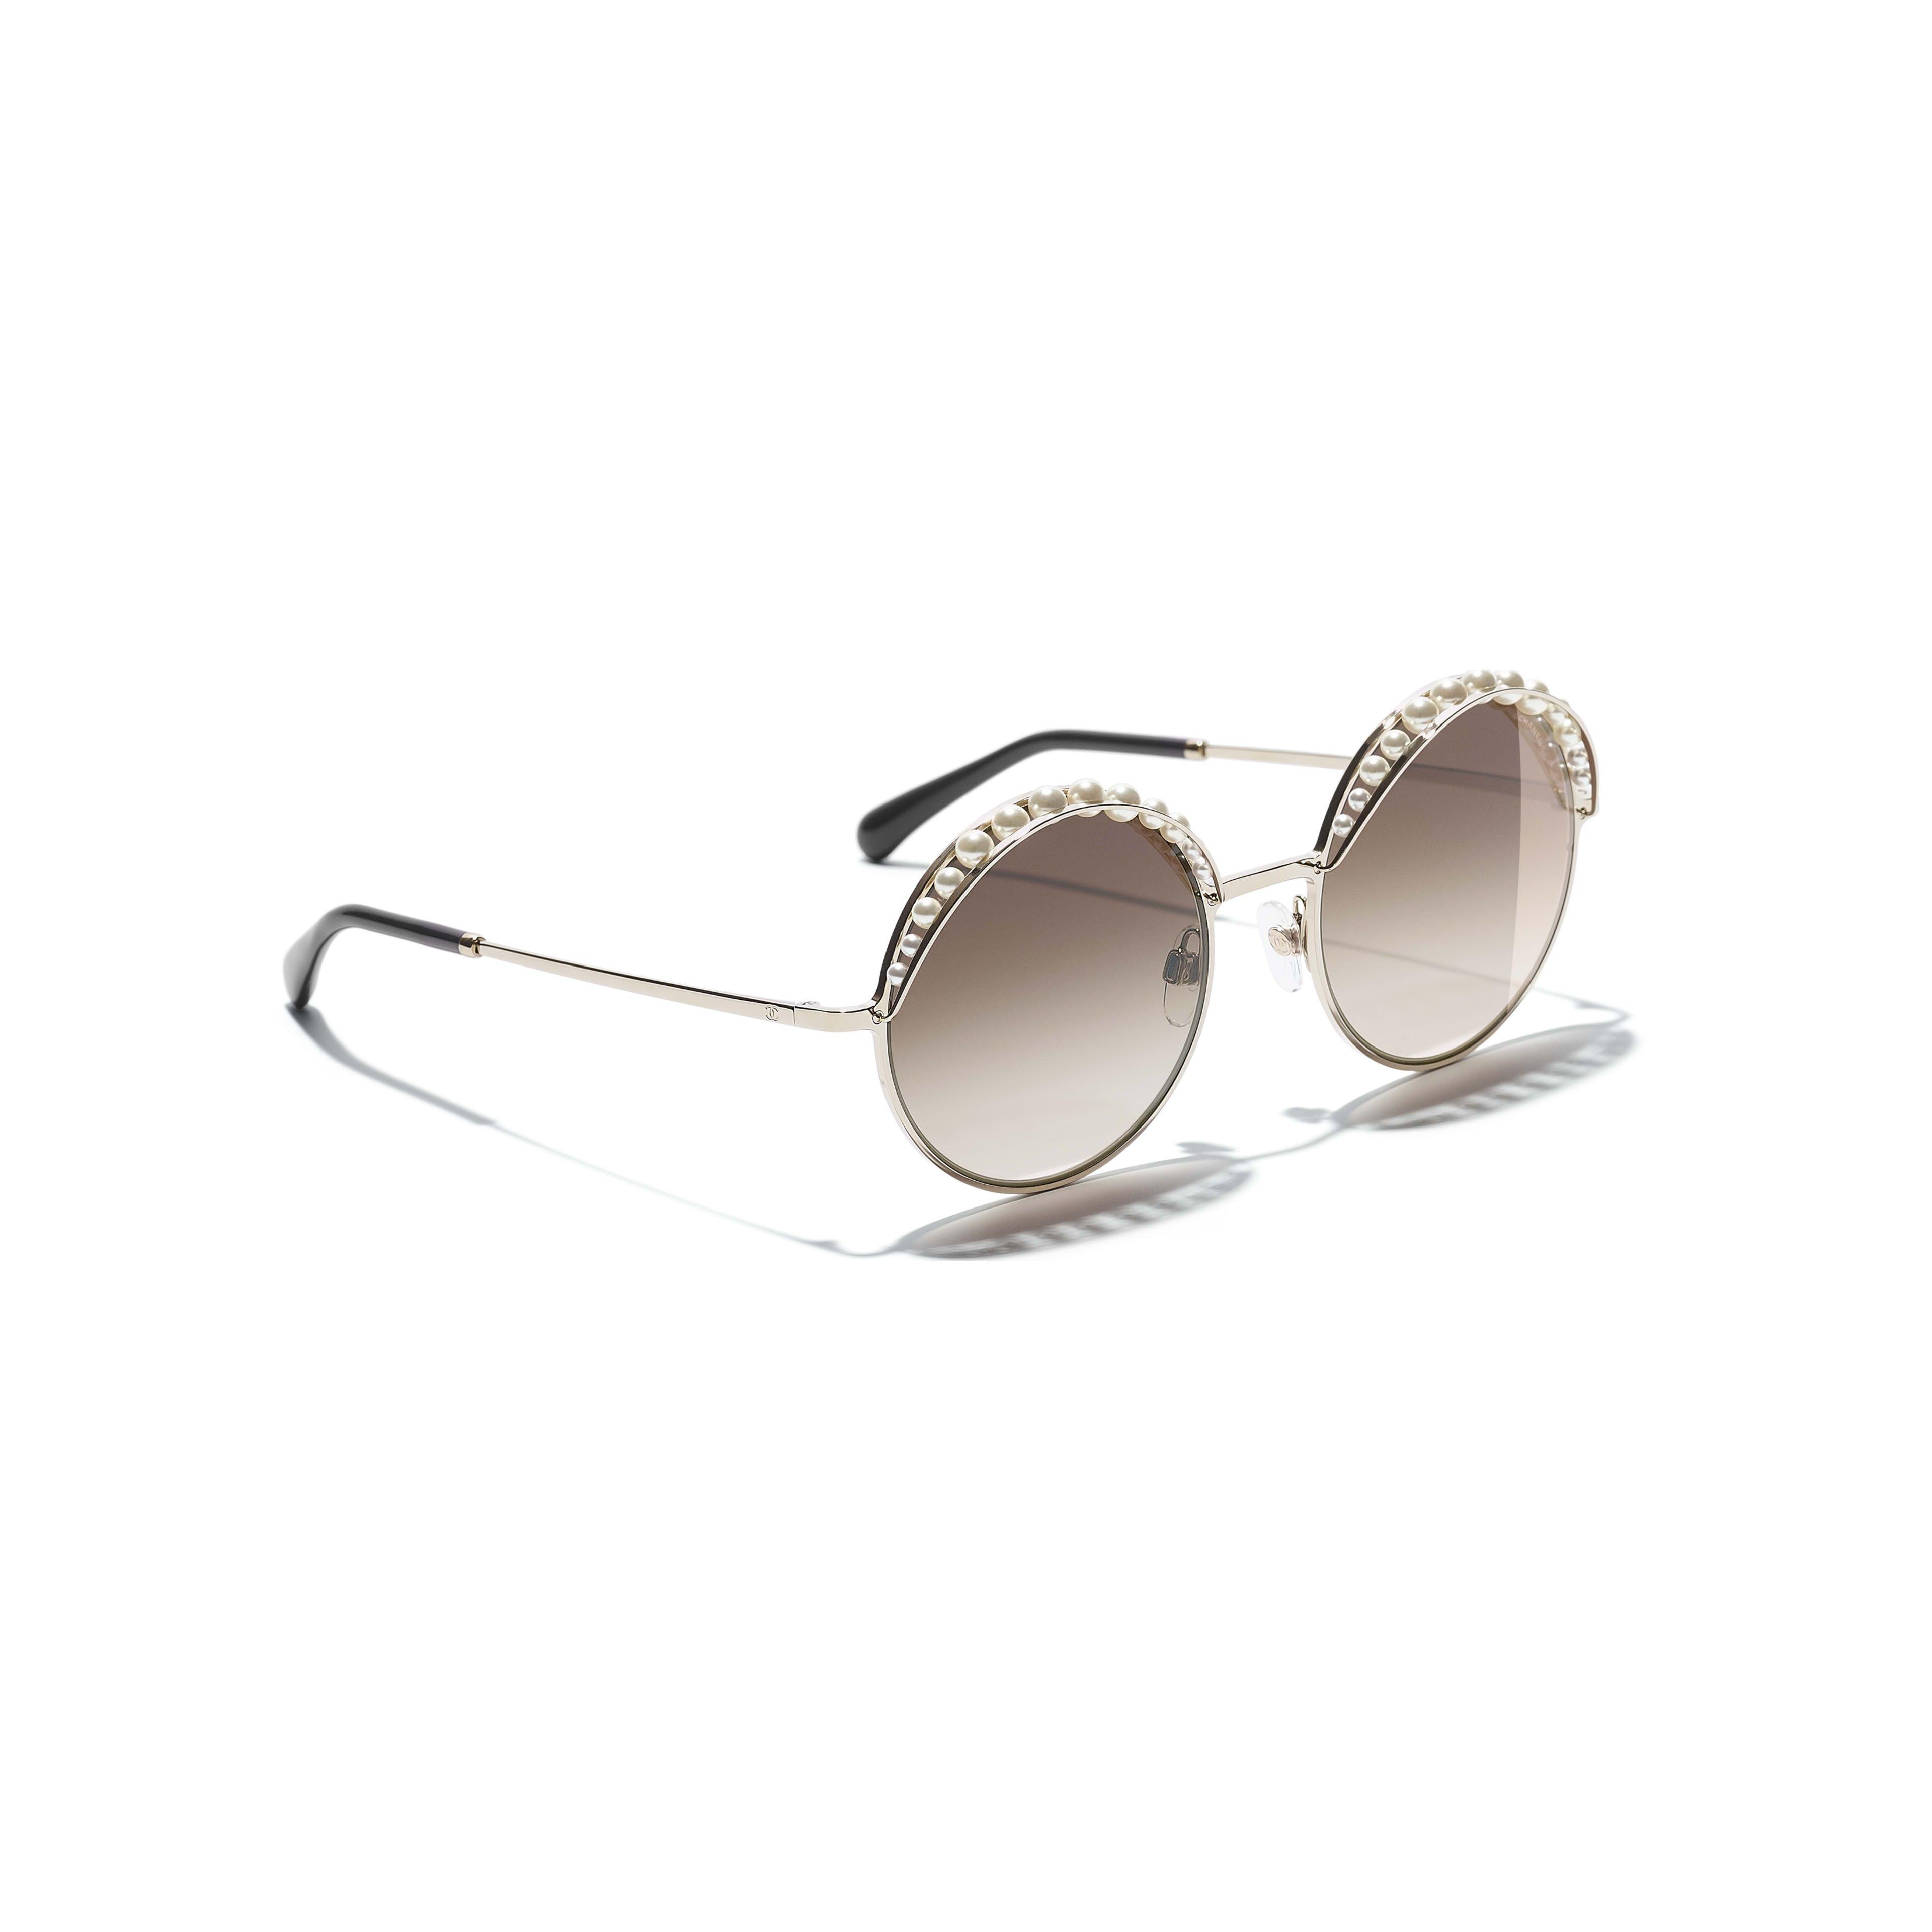 98ec164525717 CHANEL Square Sunglasses 56 Black   Black Sunglasses